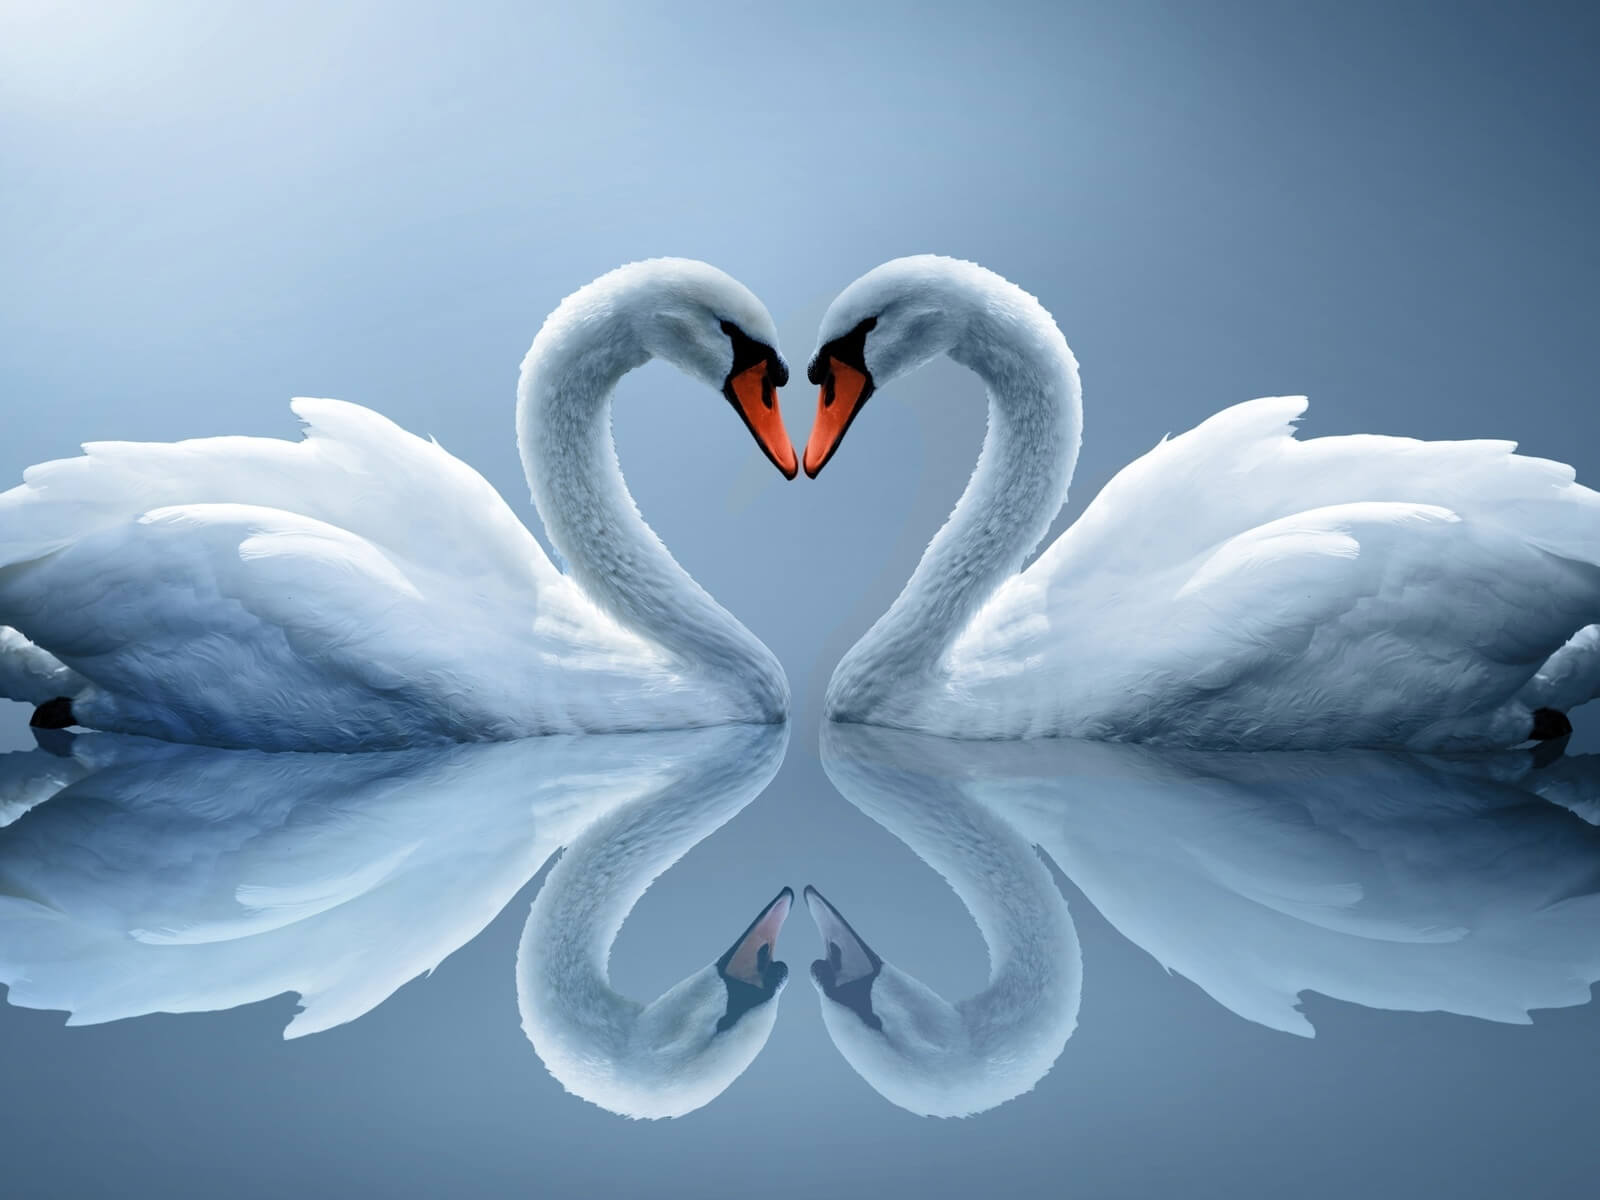 Милые и романтические картинки для любимой - скачать (20 фото) 14